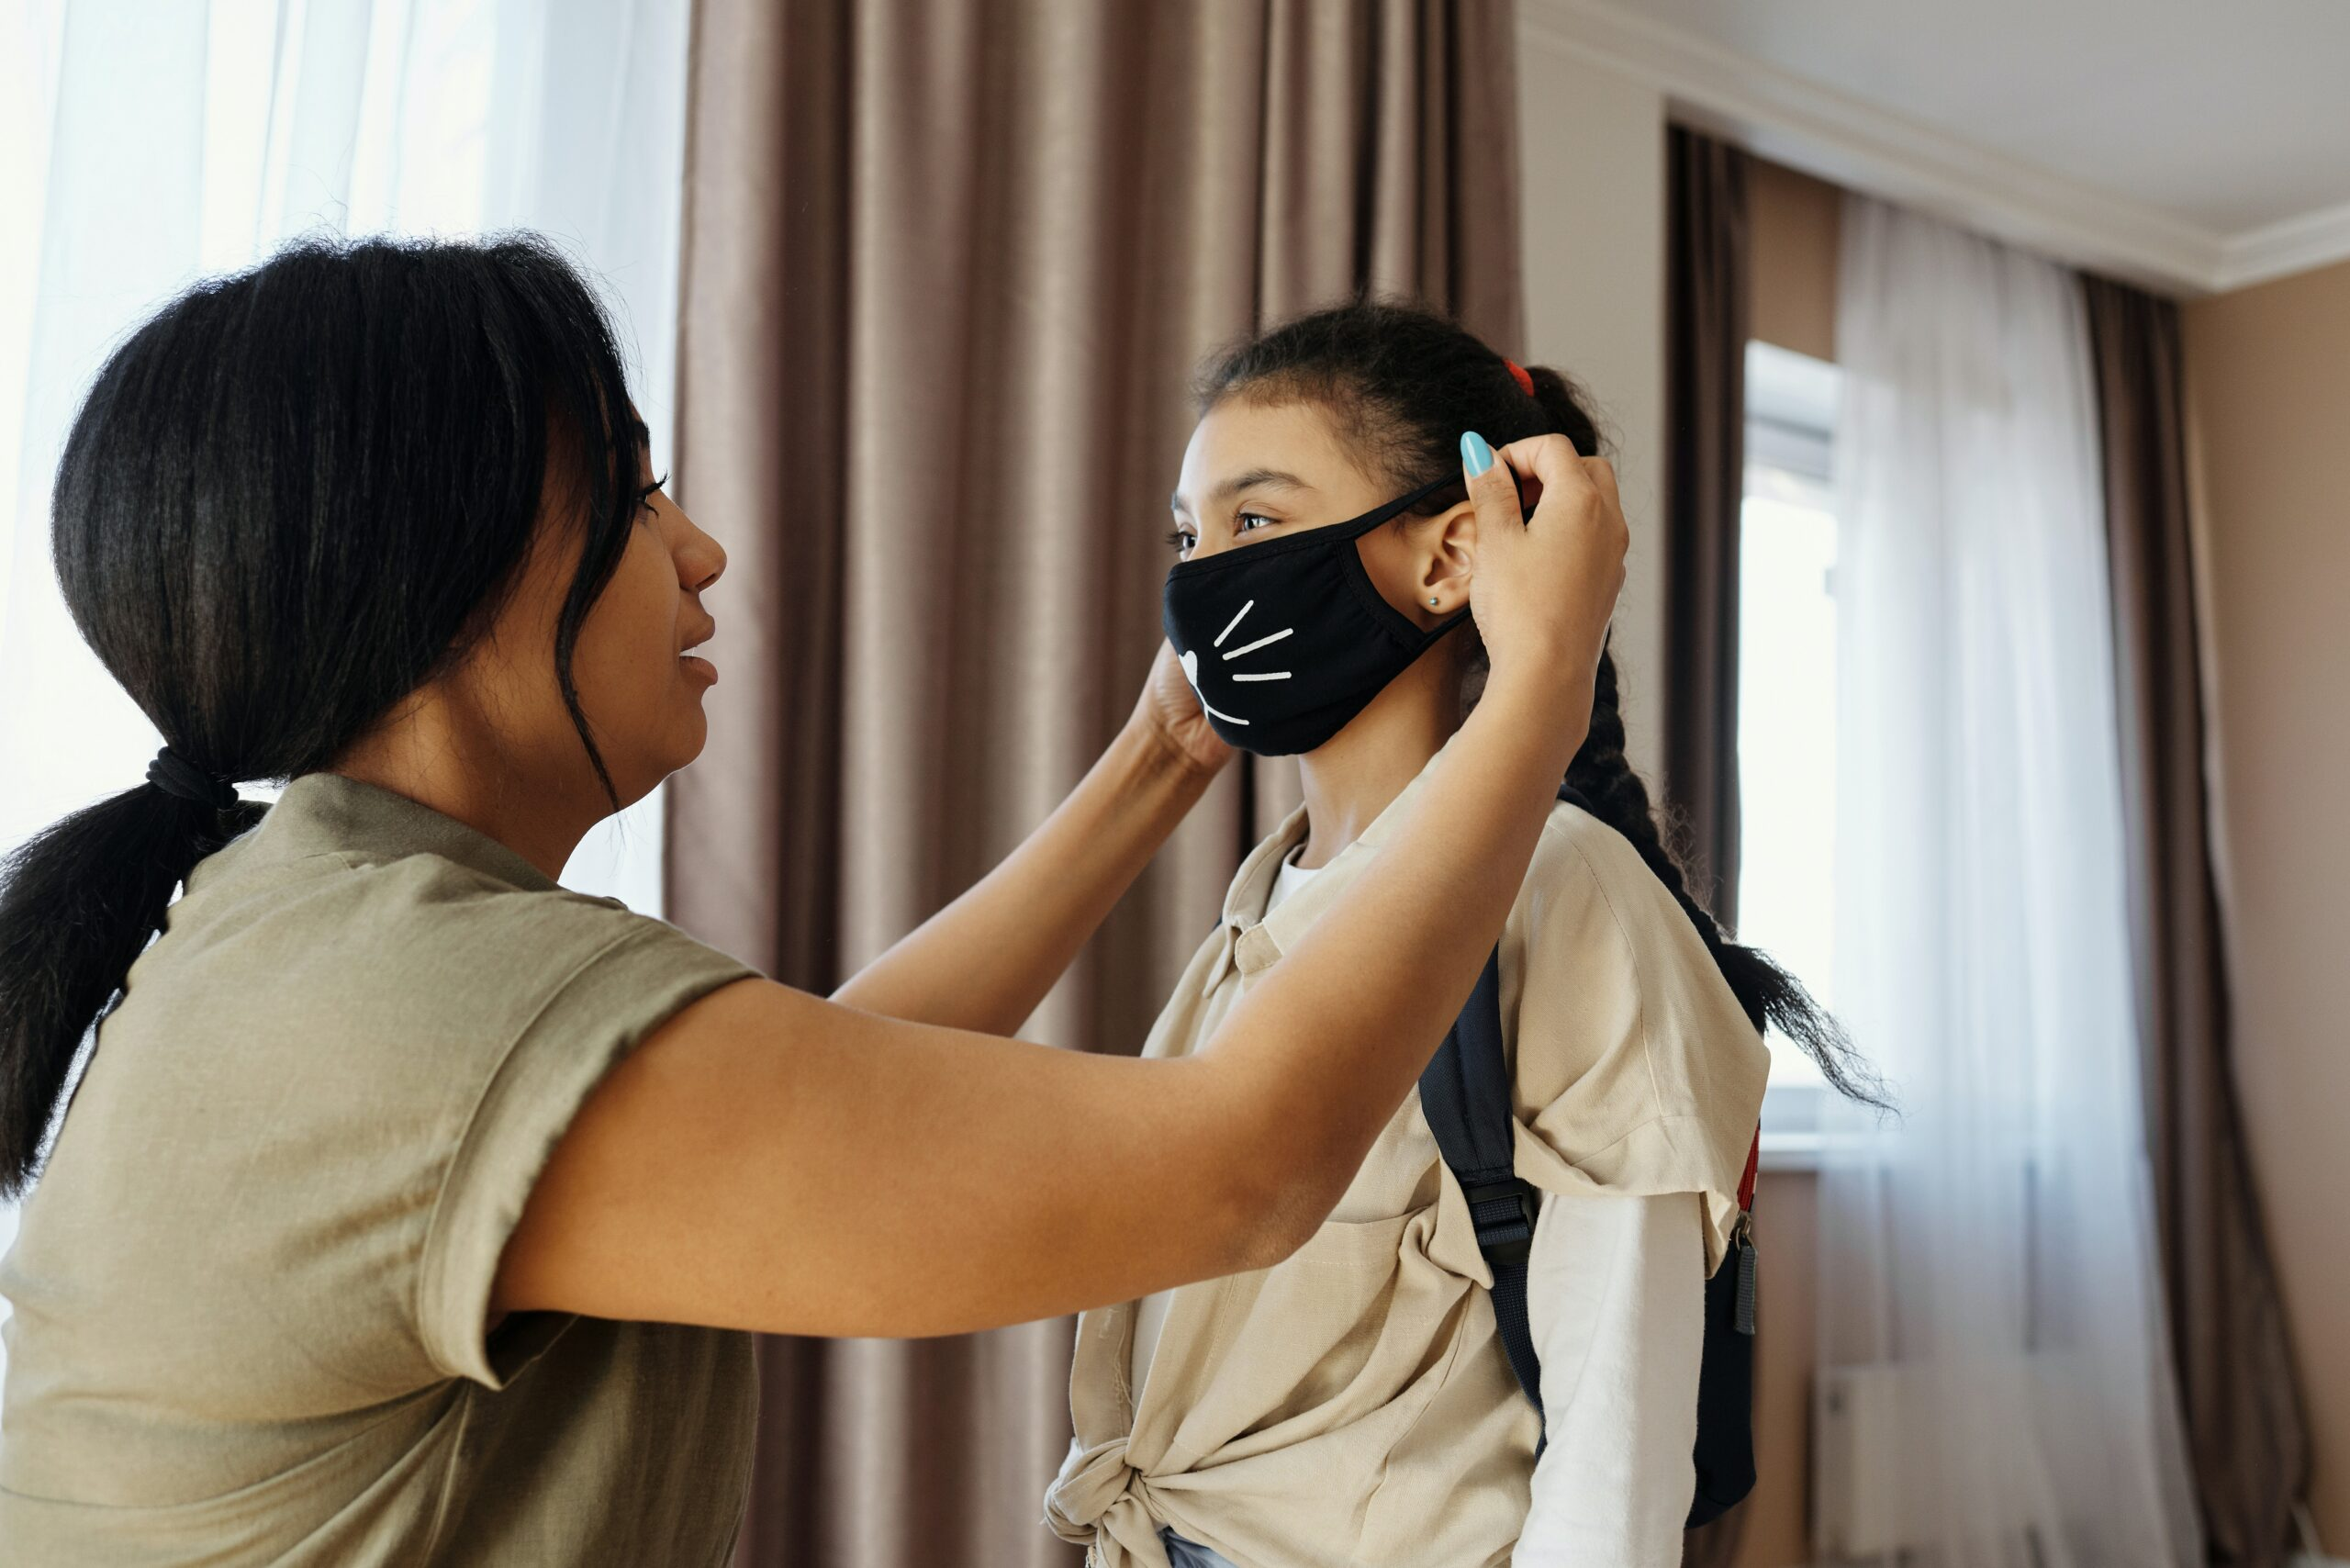 Mom putting mask on girl